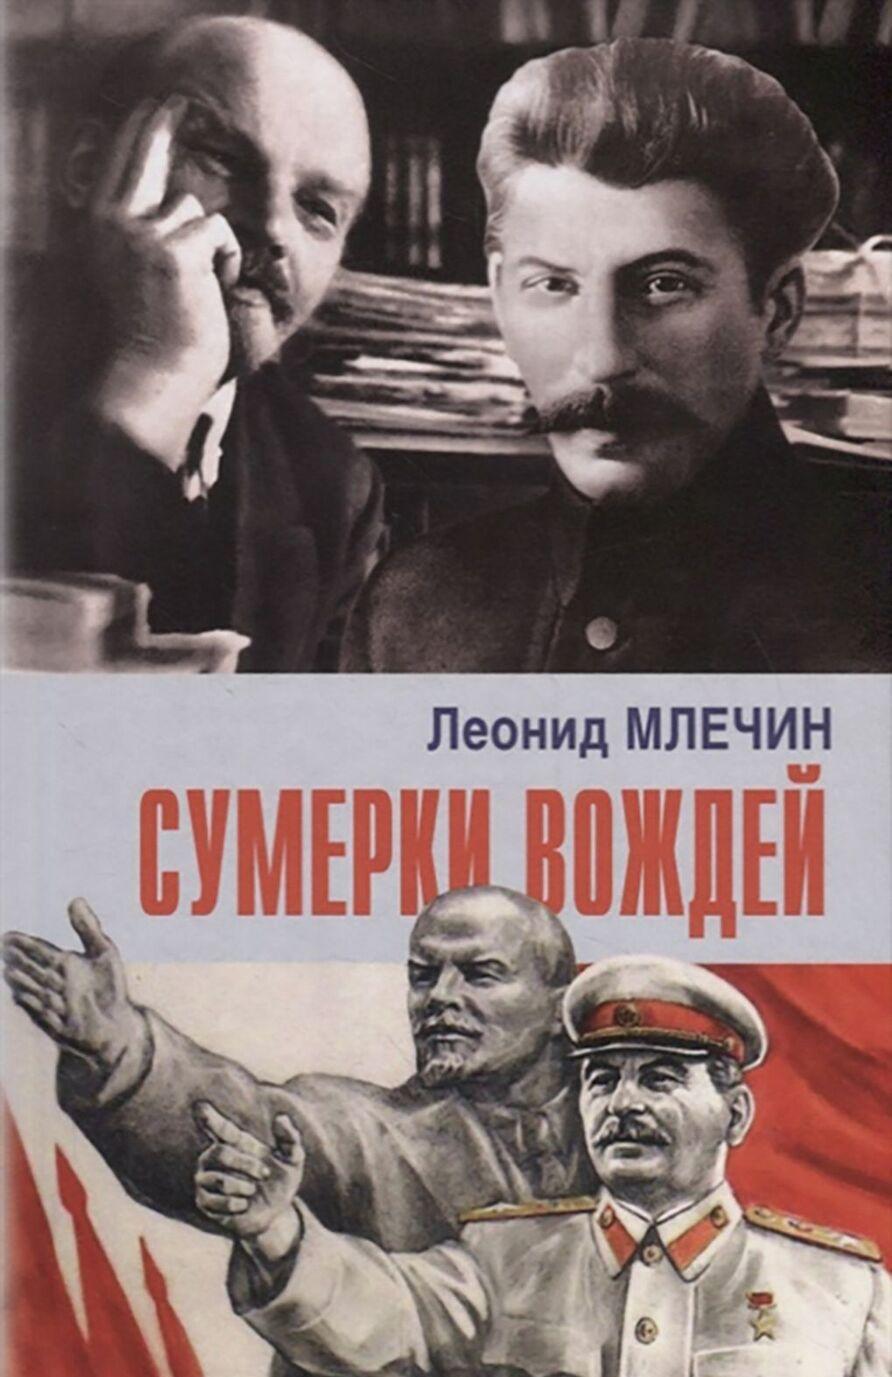 Sumerki vozhdej | Mlechin Leonid Mikhajlovich